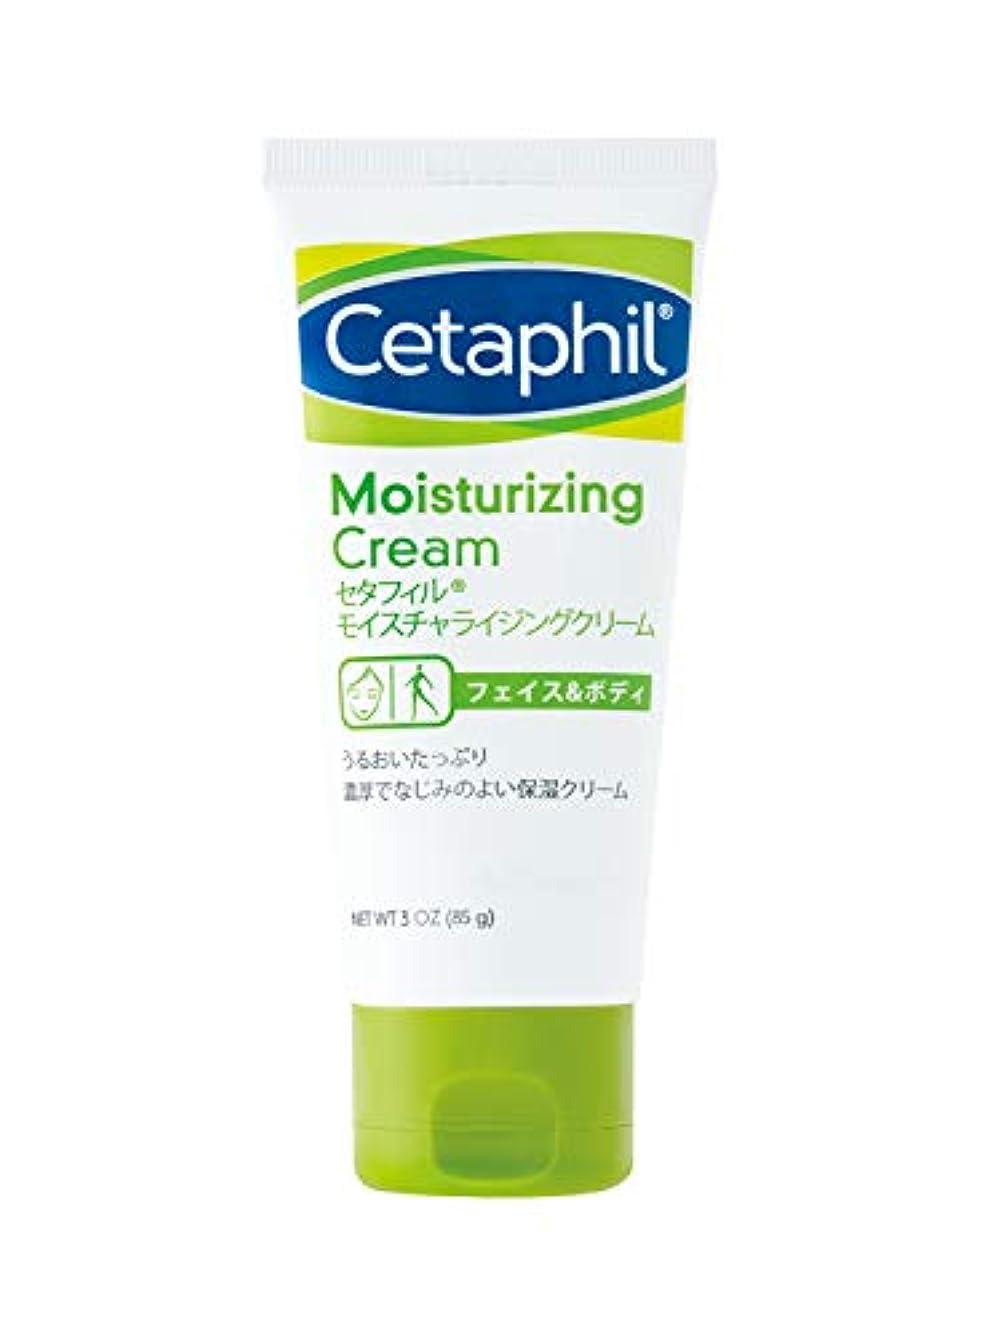 クリケットことわざ進化するセタフィル Cetaphil ® モイスチャライジングクリーム 85g ( フェイス & ボディ 保湿クリーム クリーム )